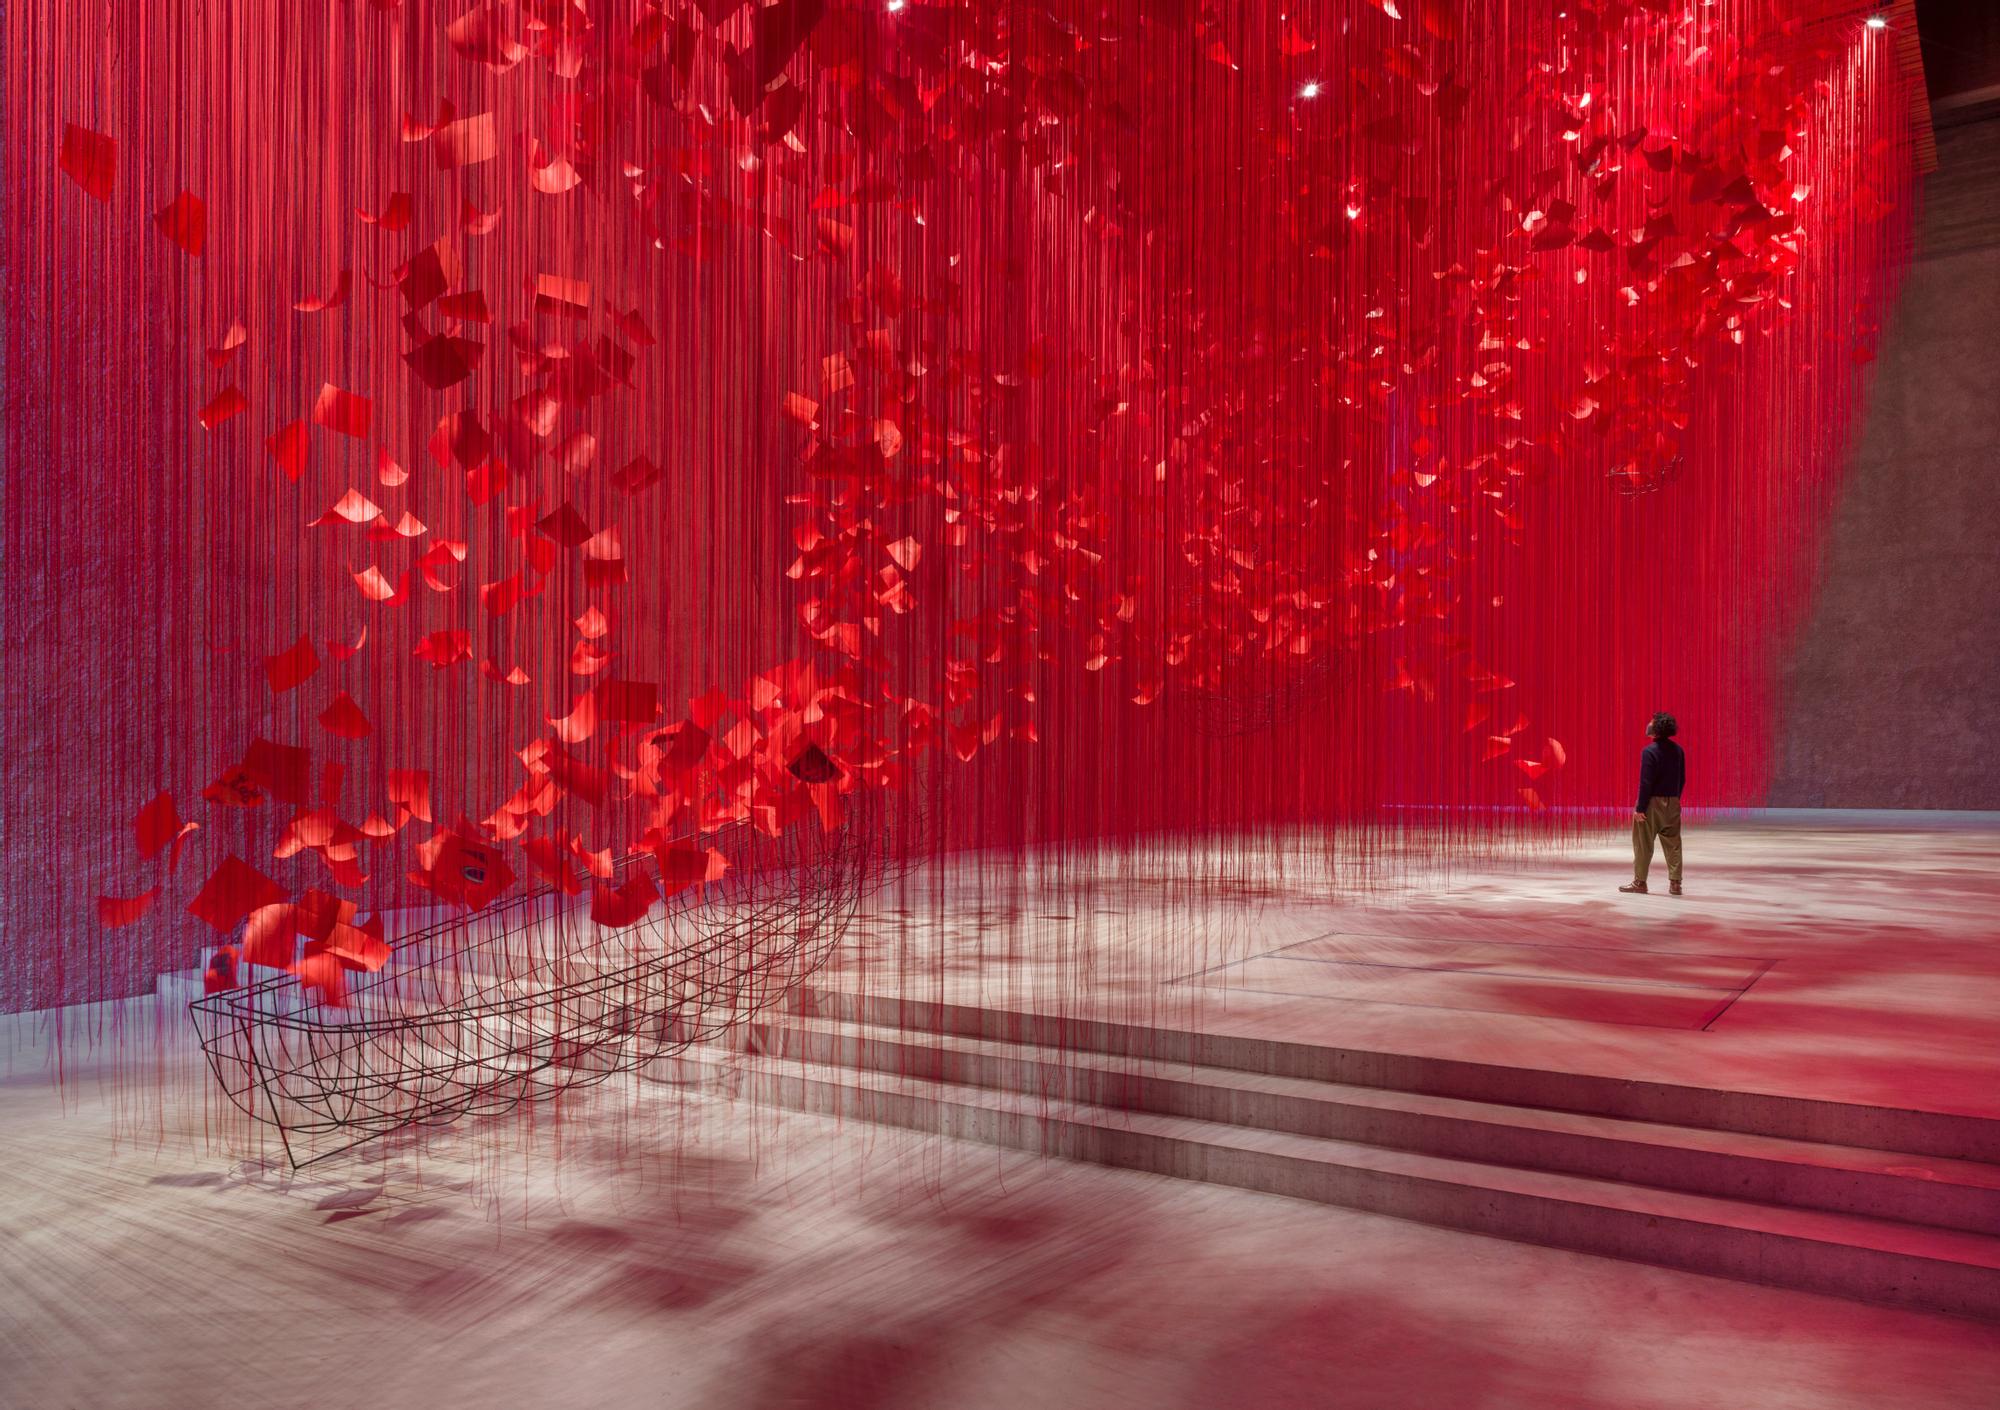 Chiharu Shiota's new installation at König Galerie